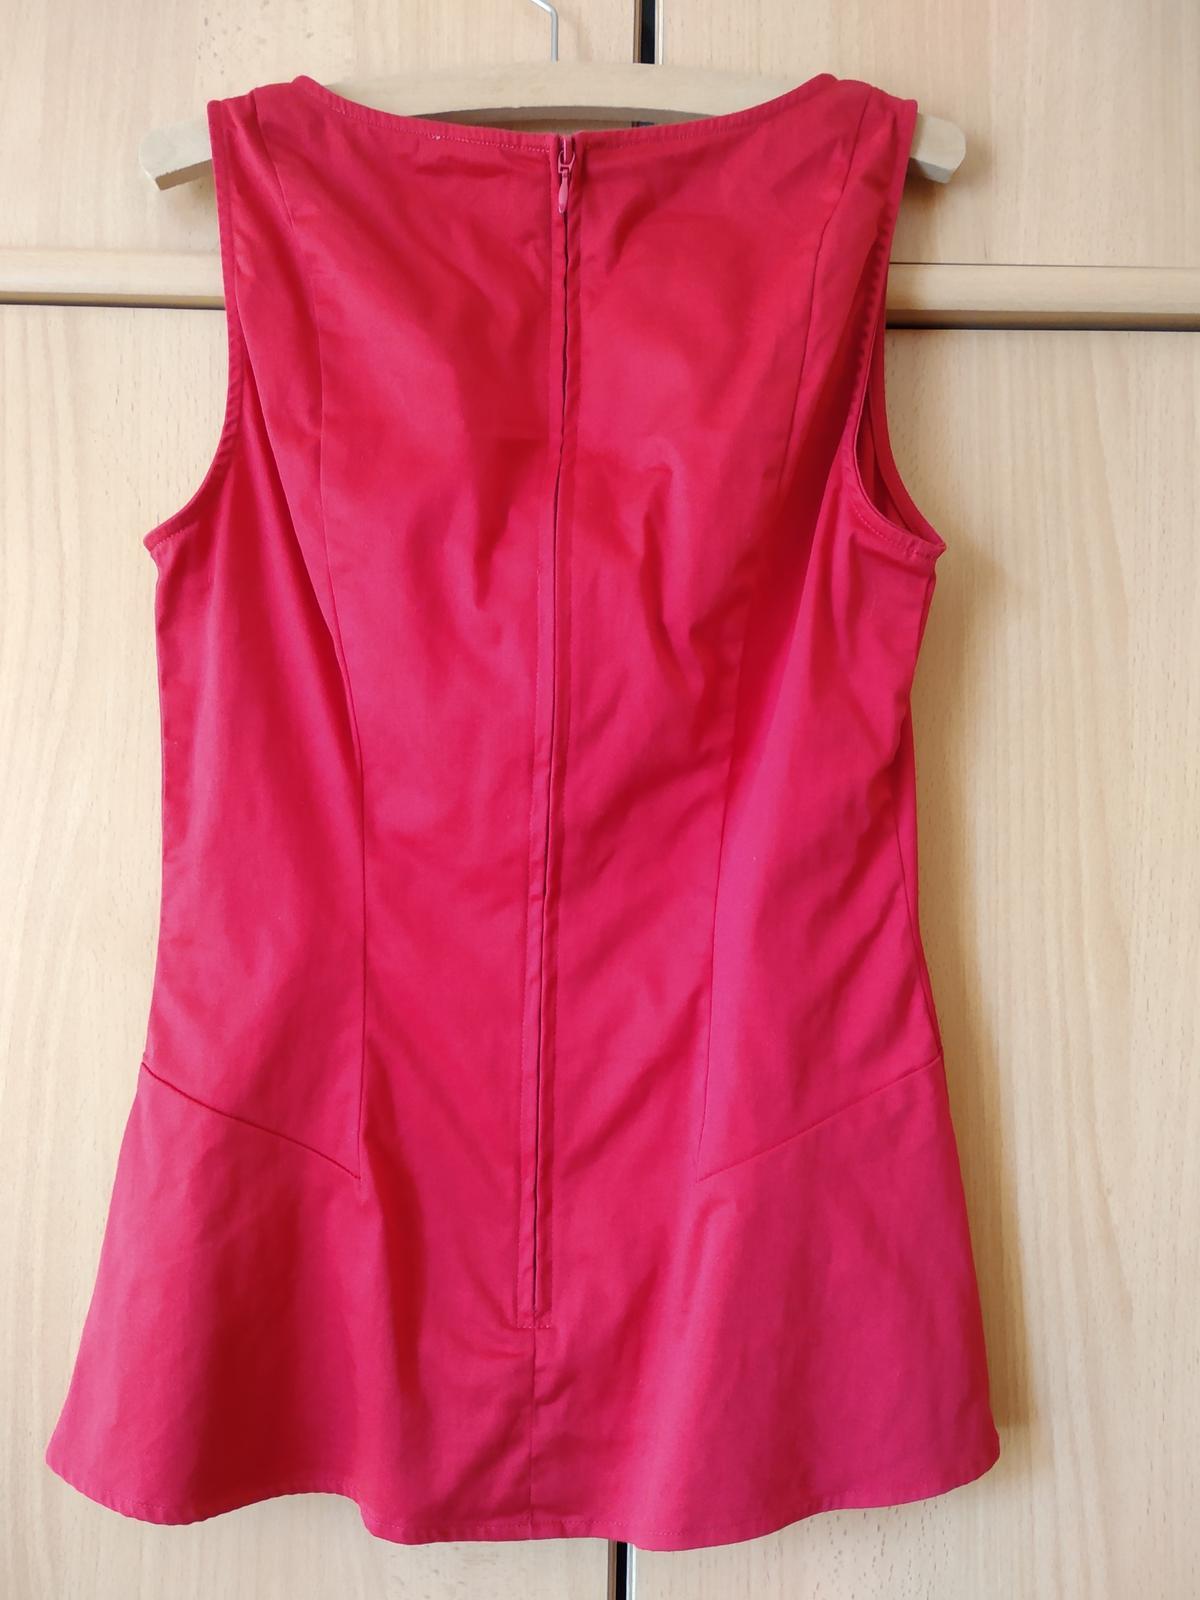 Červený top Orsay - Obrázek č. 3